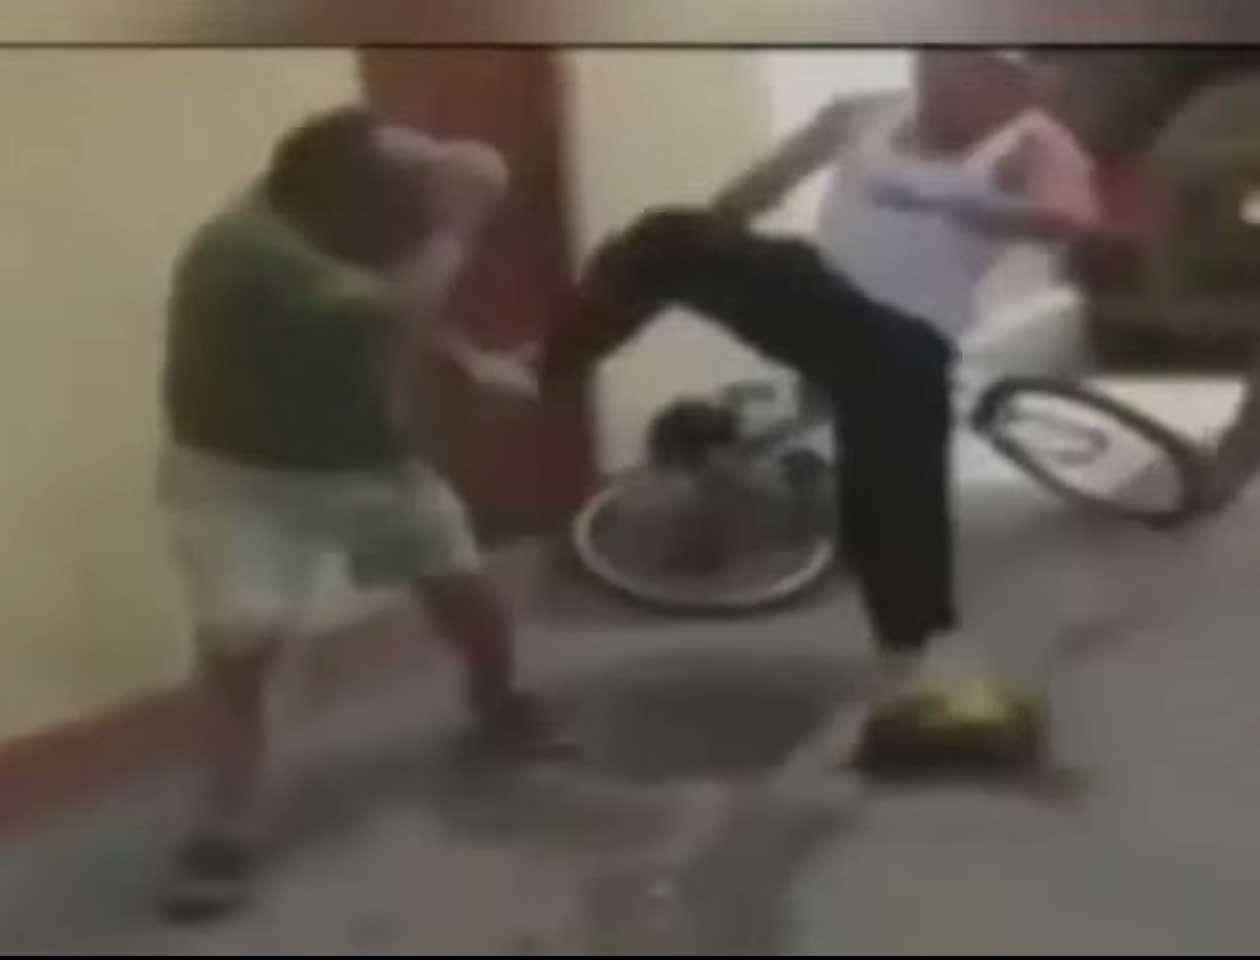 En el distrito limeño de Miraflores, el adolescente golpeó a un anciano, evento que fue captado en video. Foto: Imagen tomada de YouTube